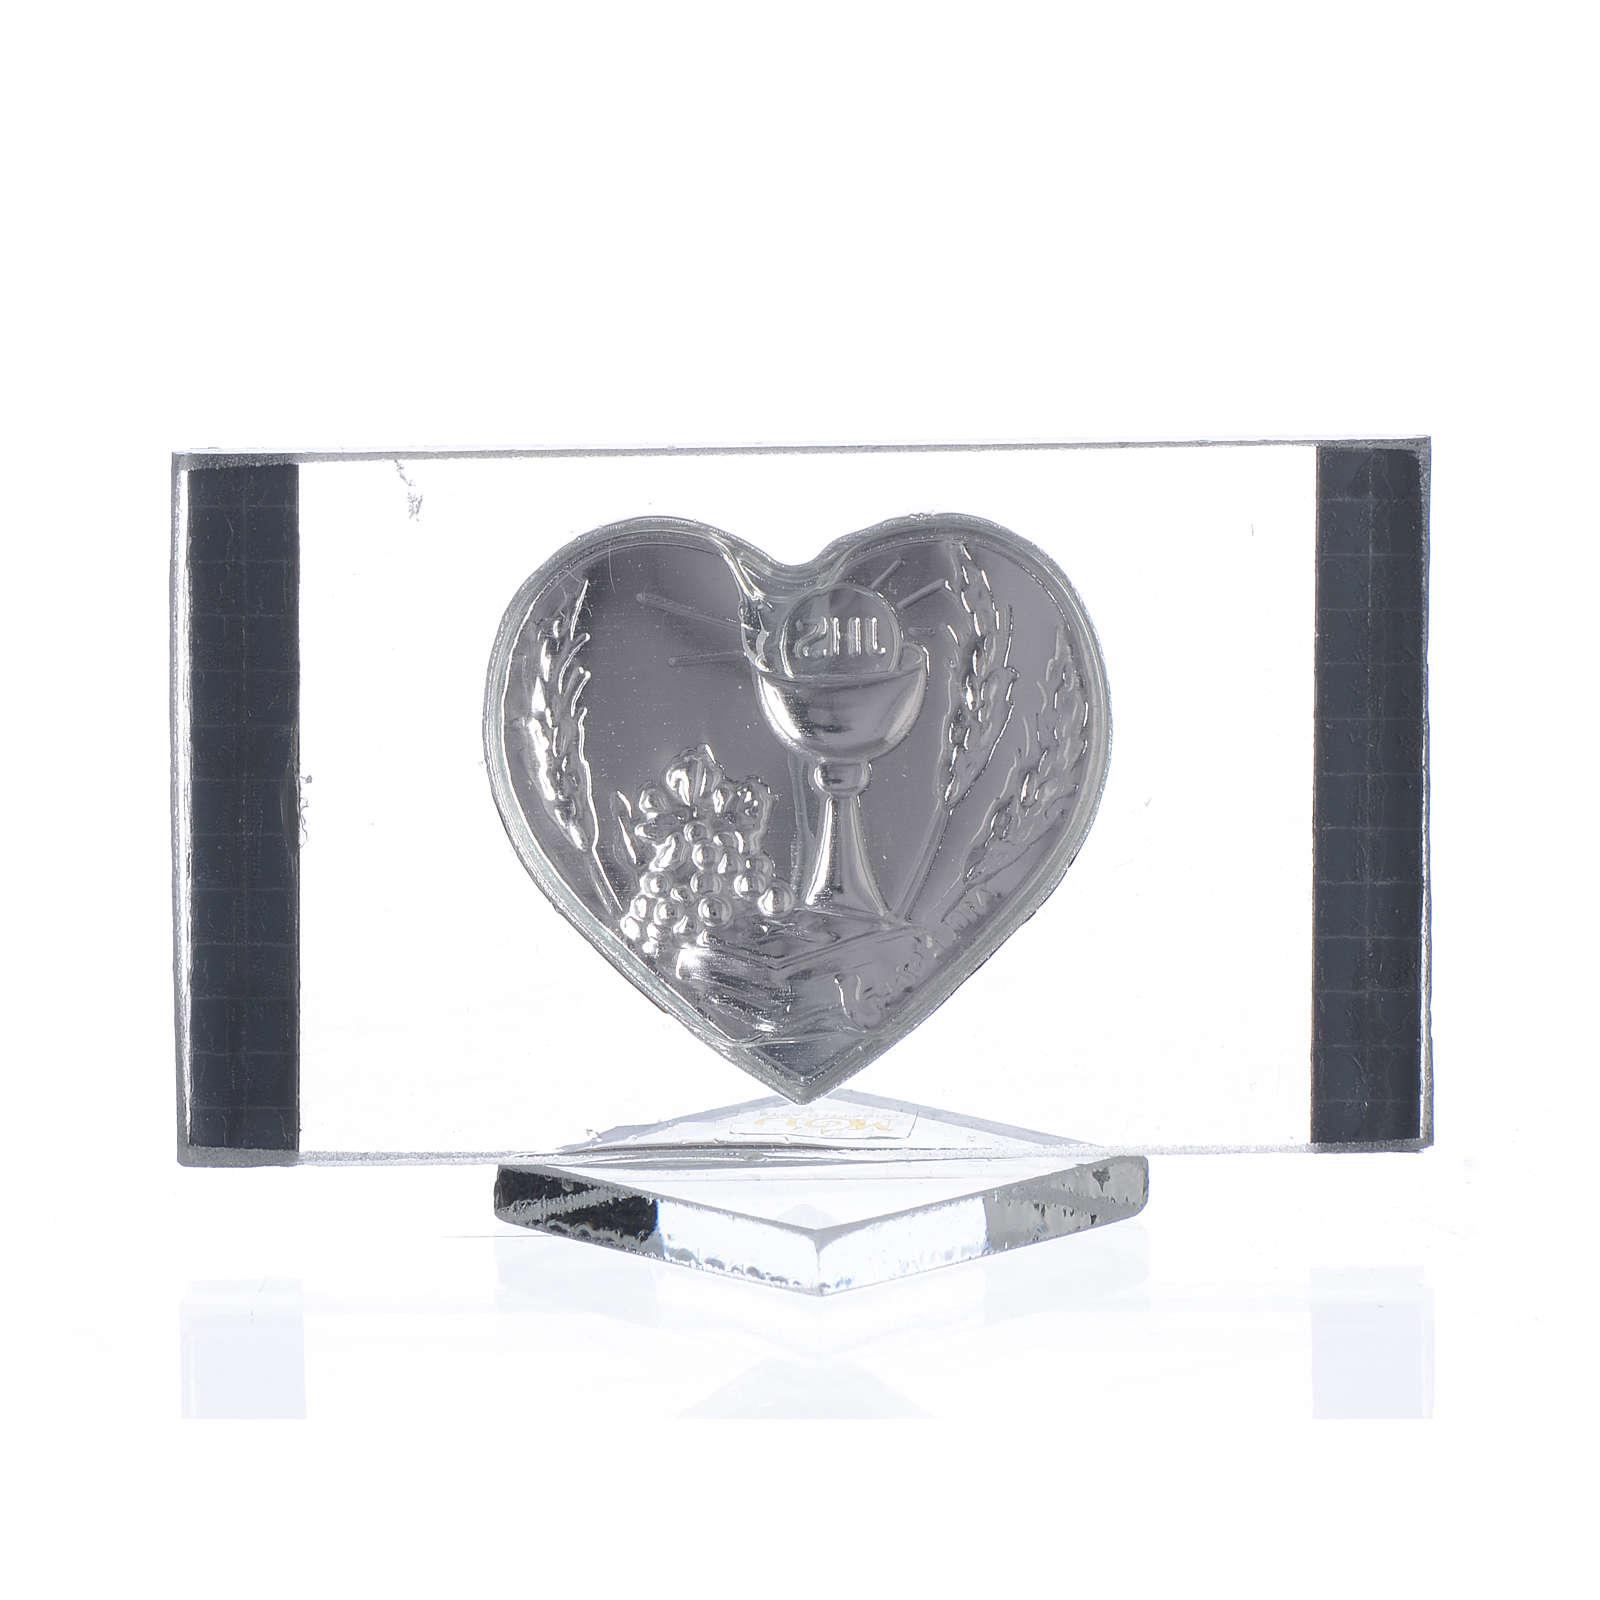 Cadre Rectangulaire avec Coeur Communion 4,5x7 cm 3